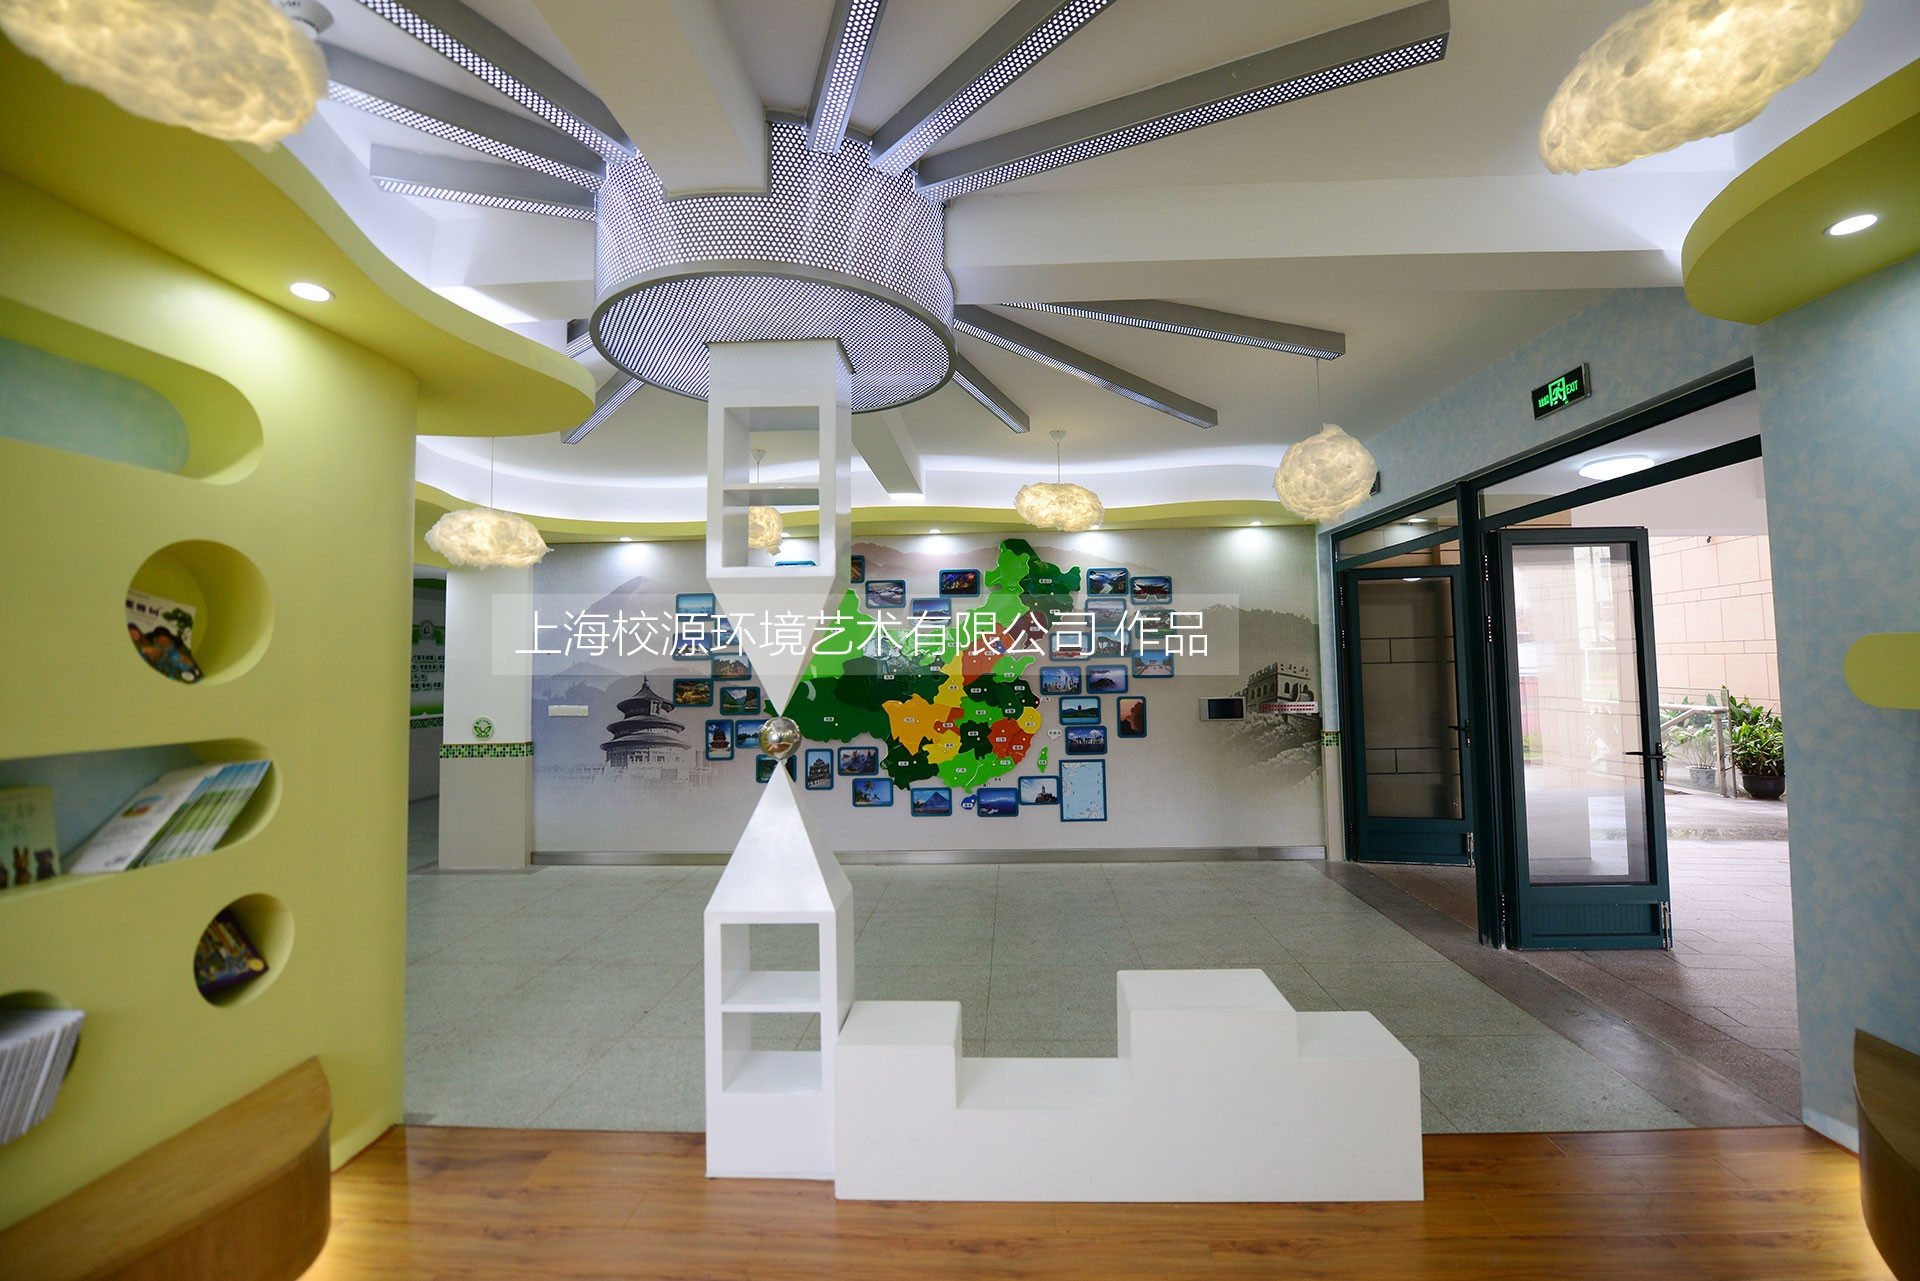 企业文化墙,校园文化,校园雕塑,专用教室